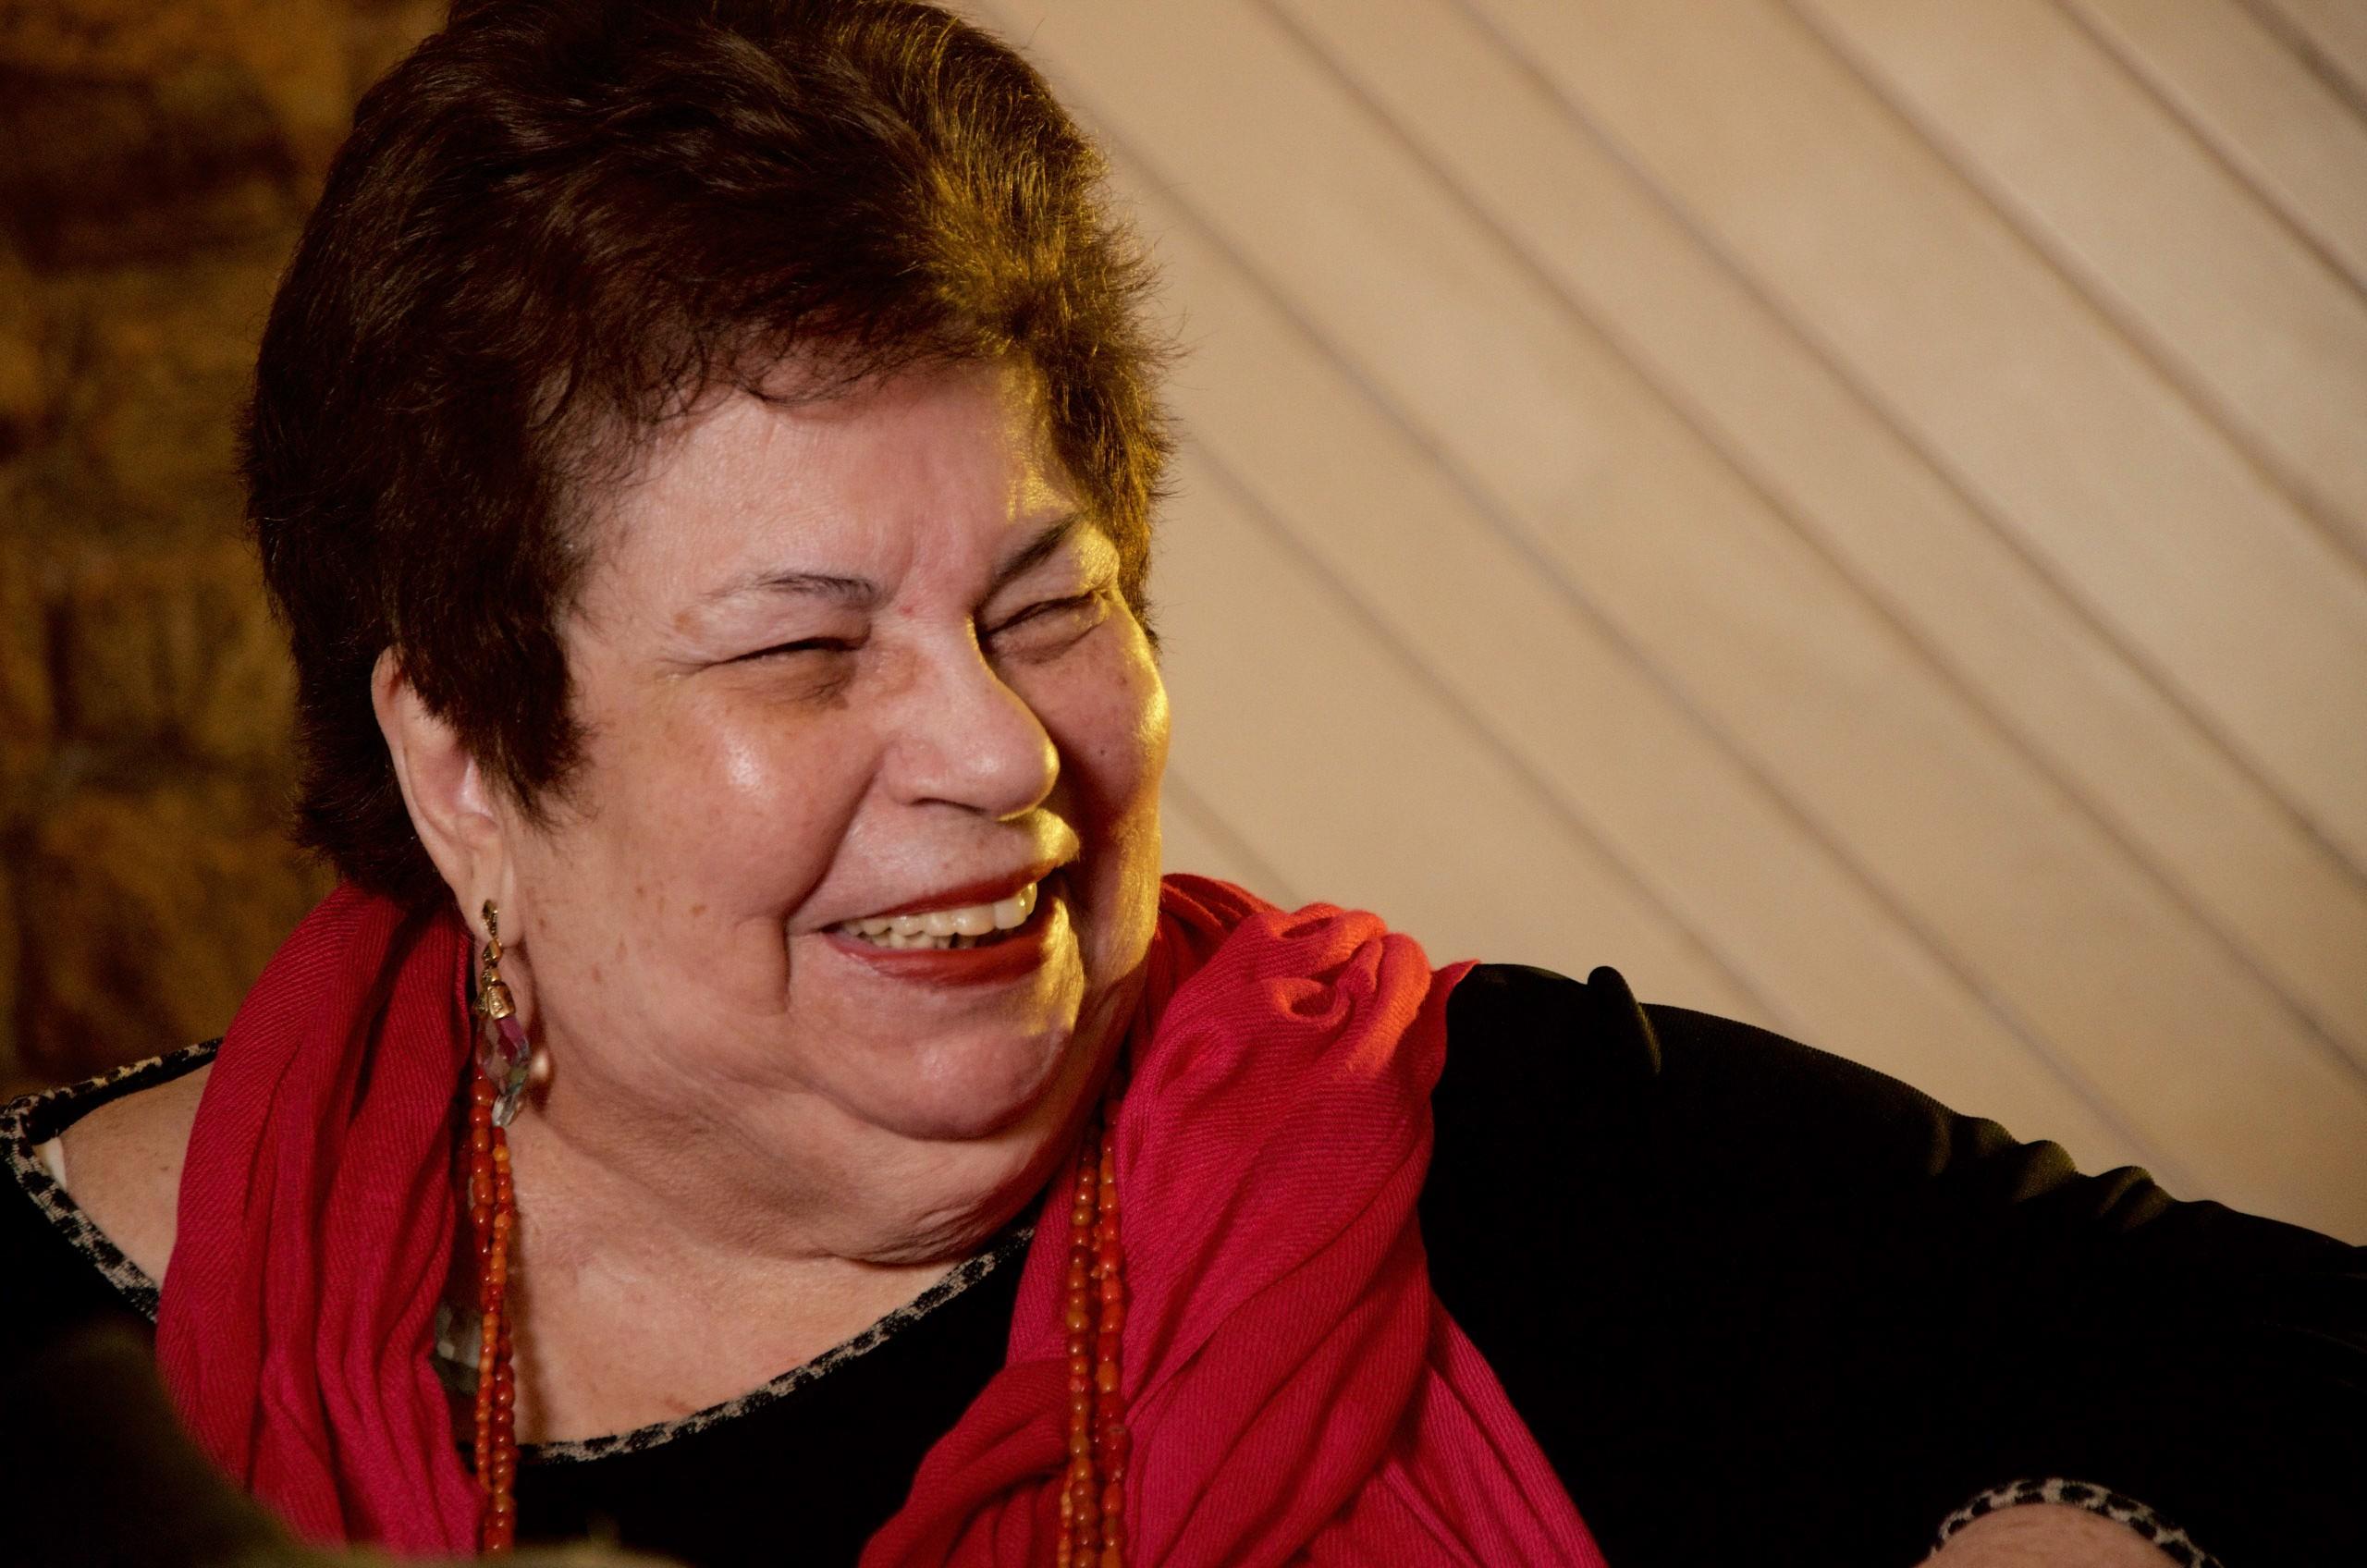 Nana Caymmi se afina com o tempo eterno das canções de Tom Jobim e Vinicius de Moraes